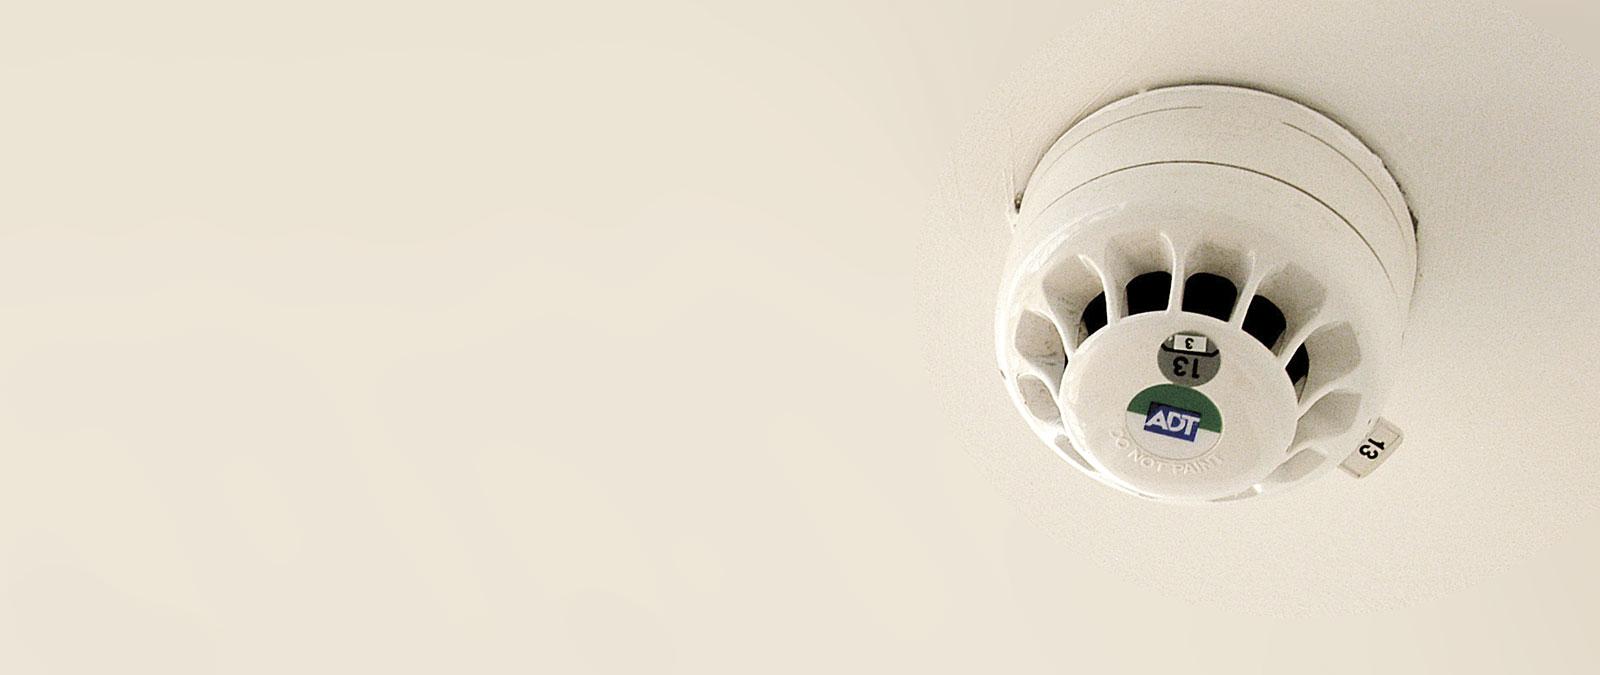 Adt Fire Carbon Monoxide Amp Smoke Detection Adt